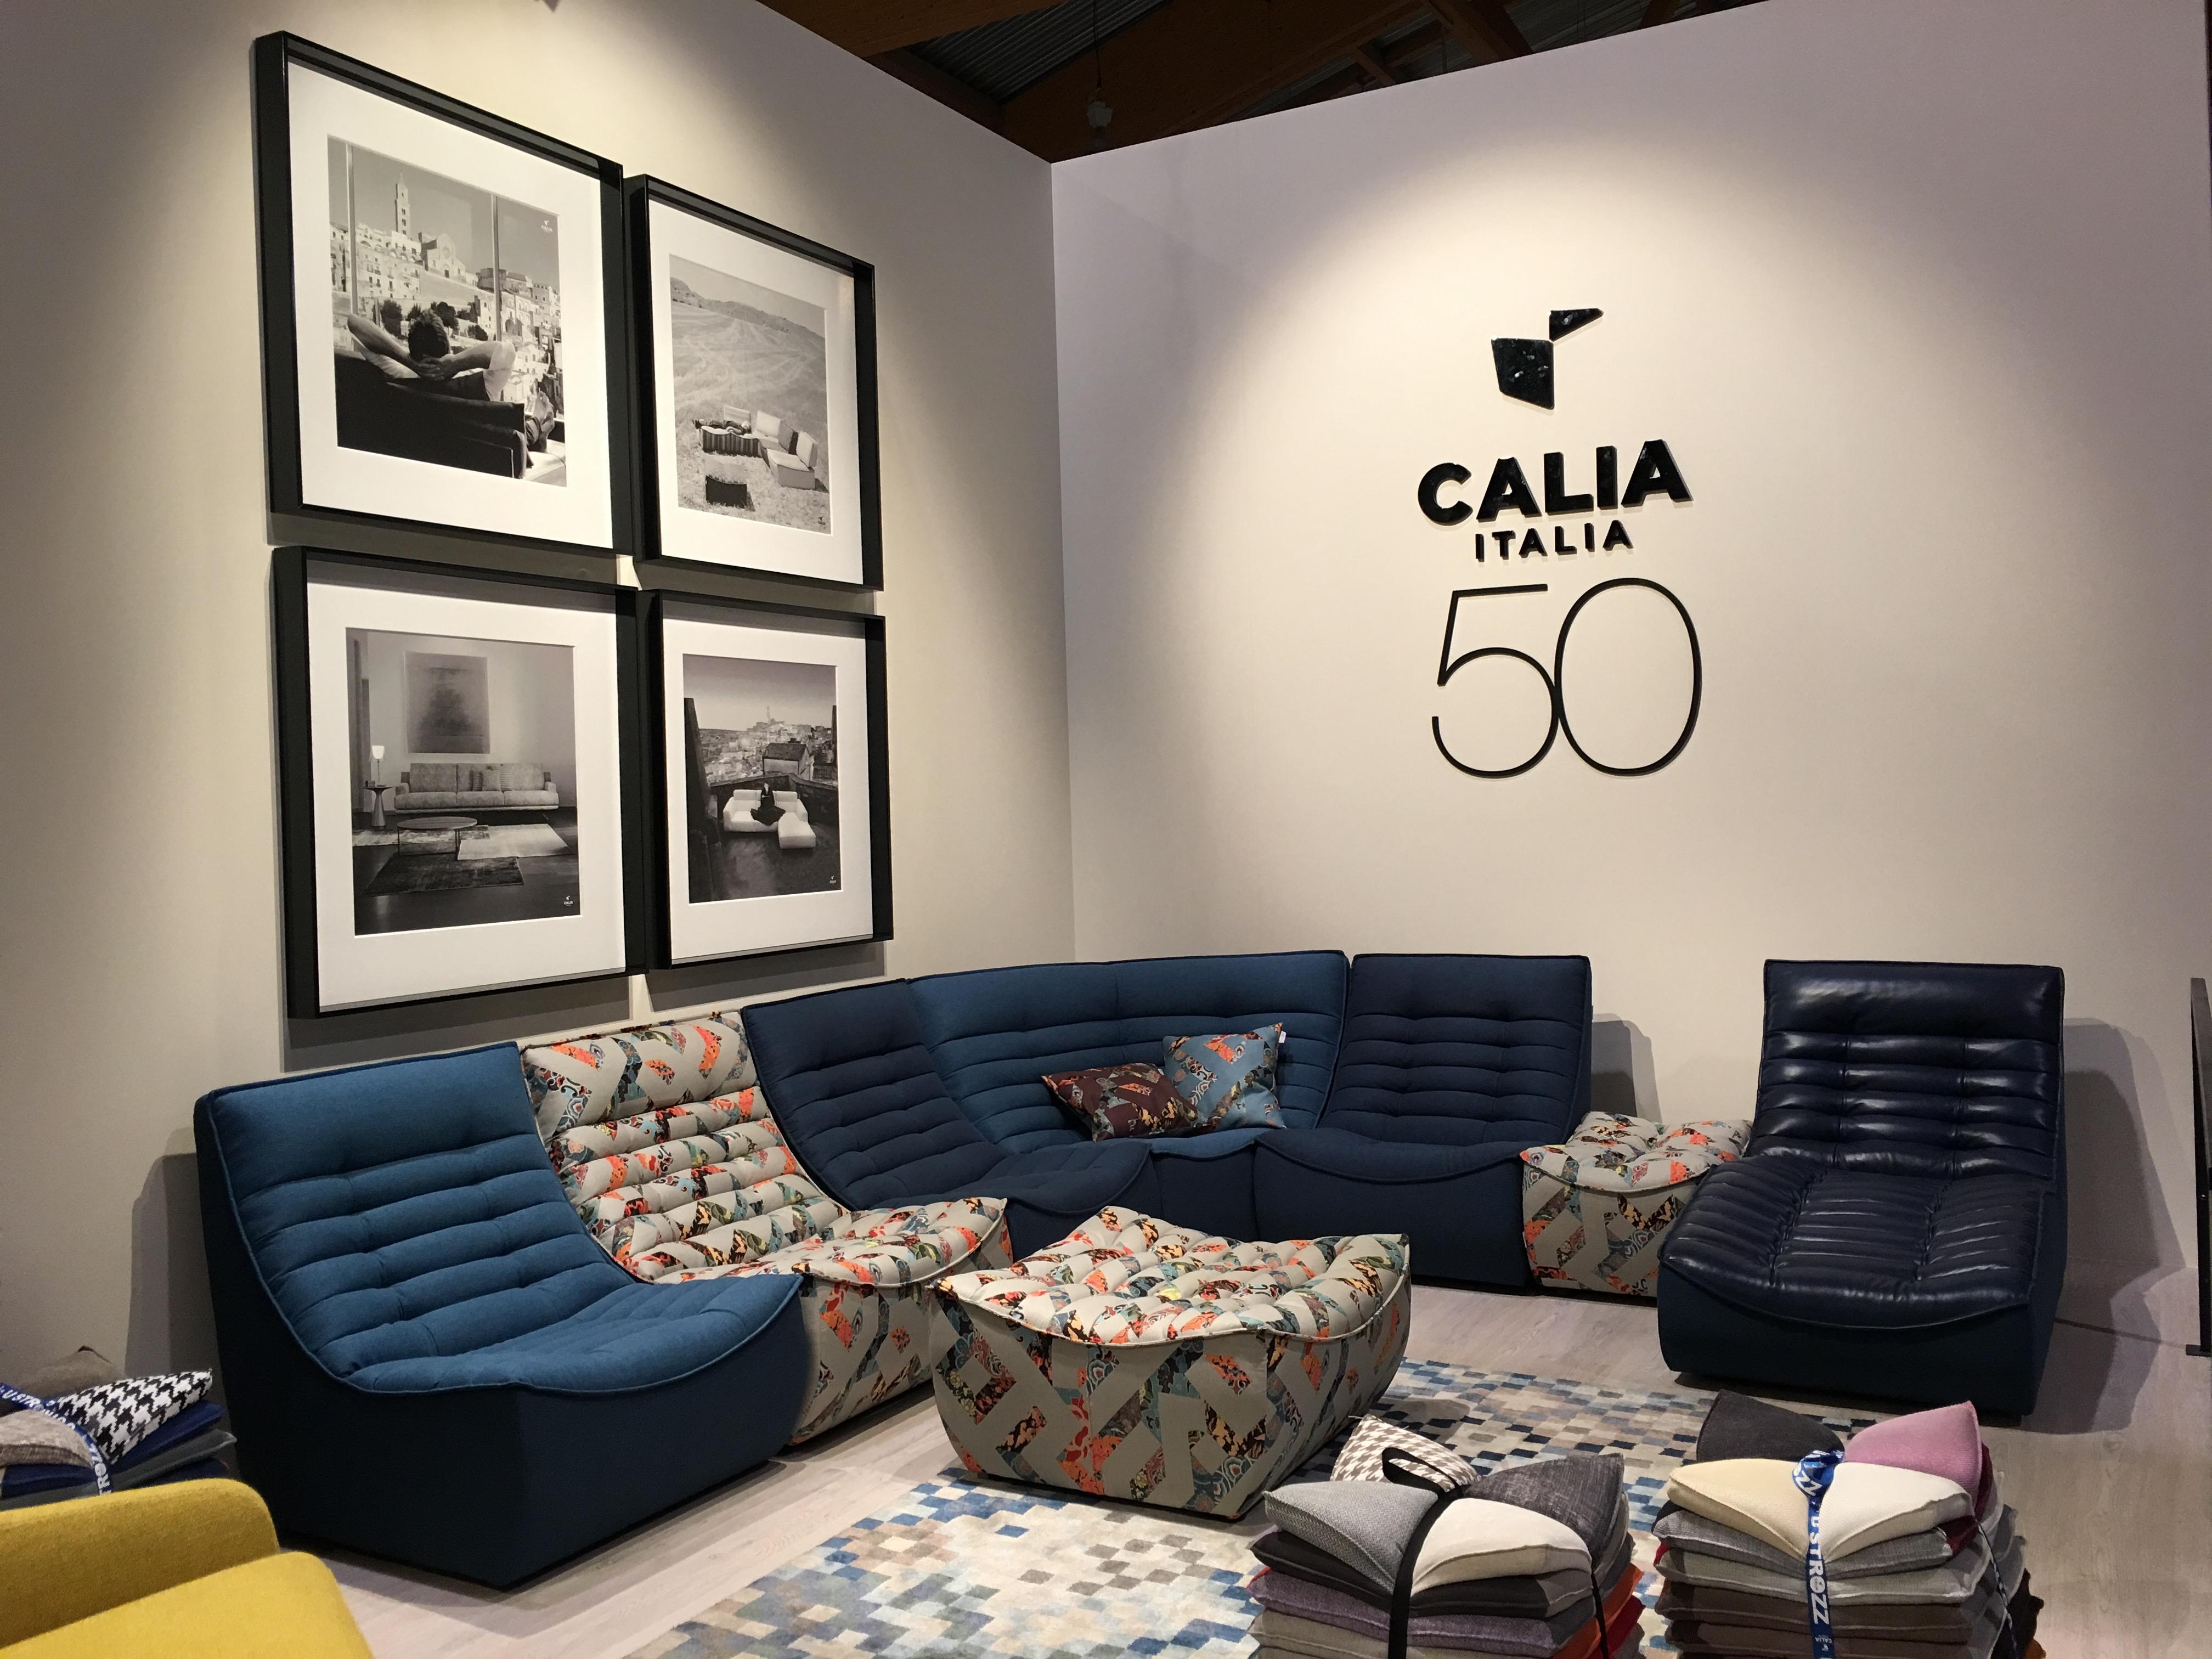 calia italia canap 53 images calia italia romeo cuir. Black Bedroom Furniture Sets. Home Design Ideas